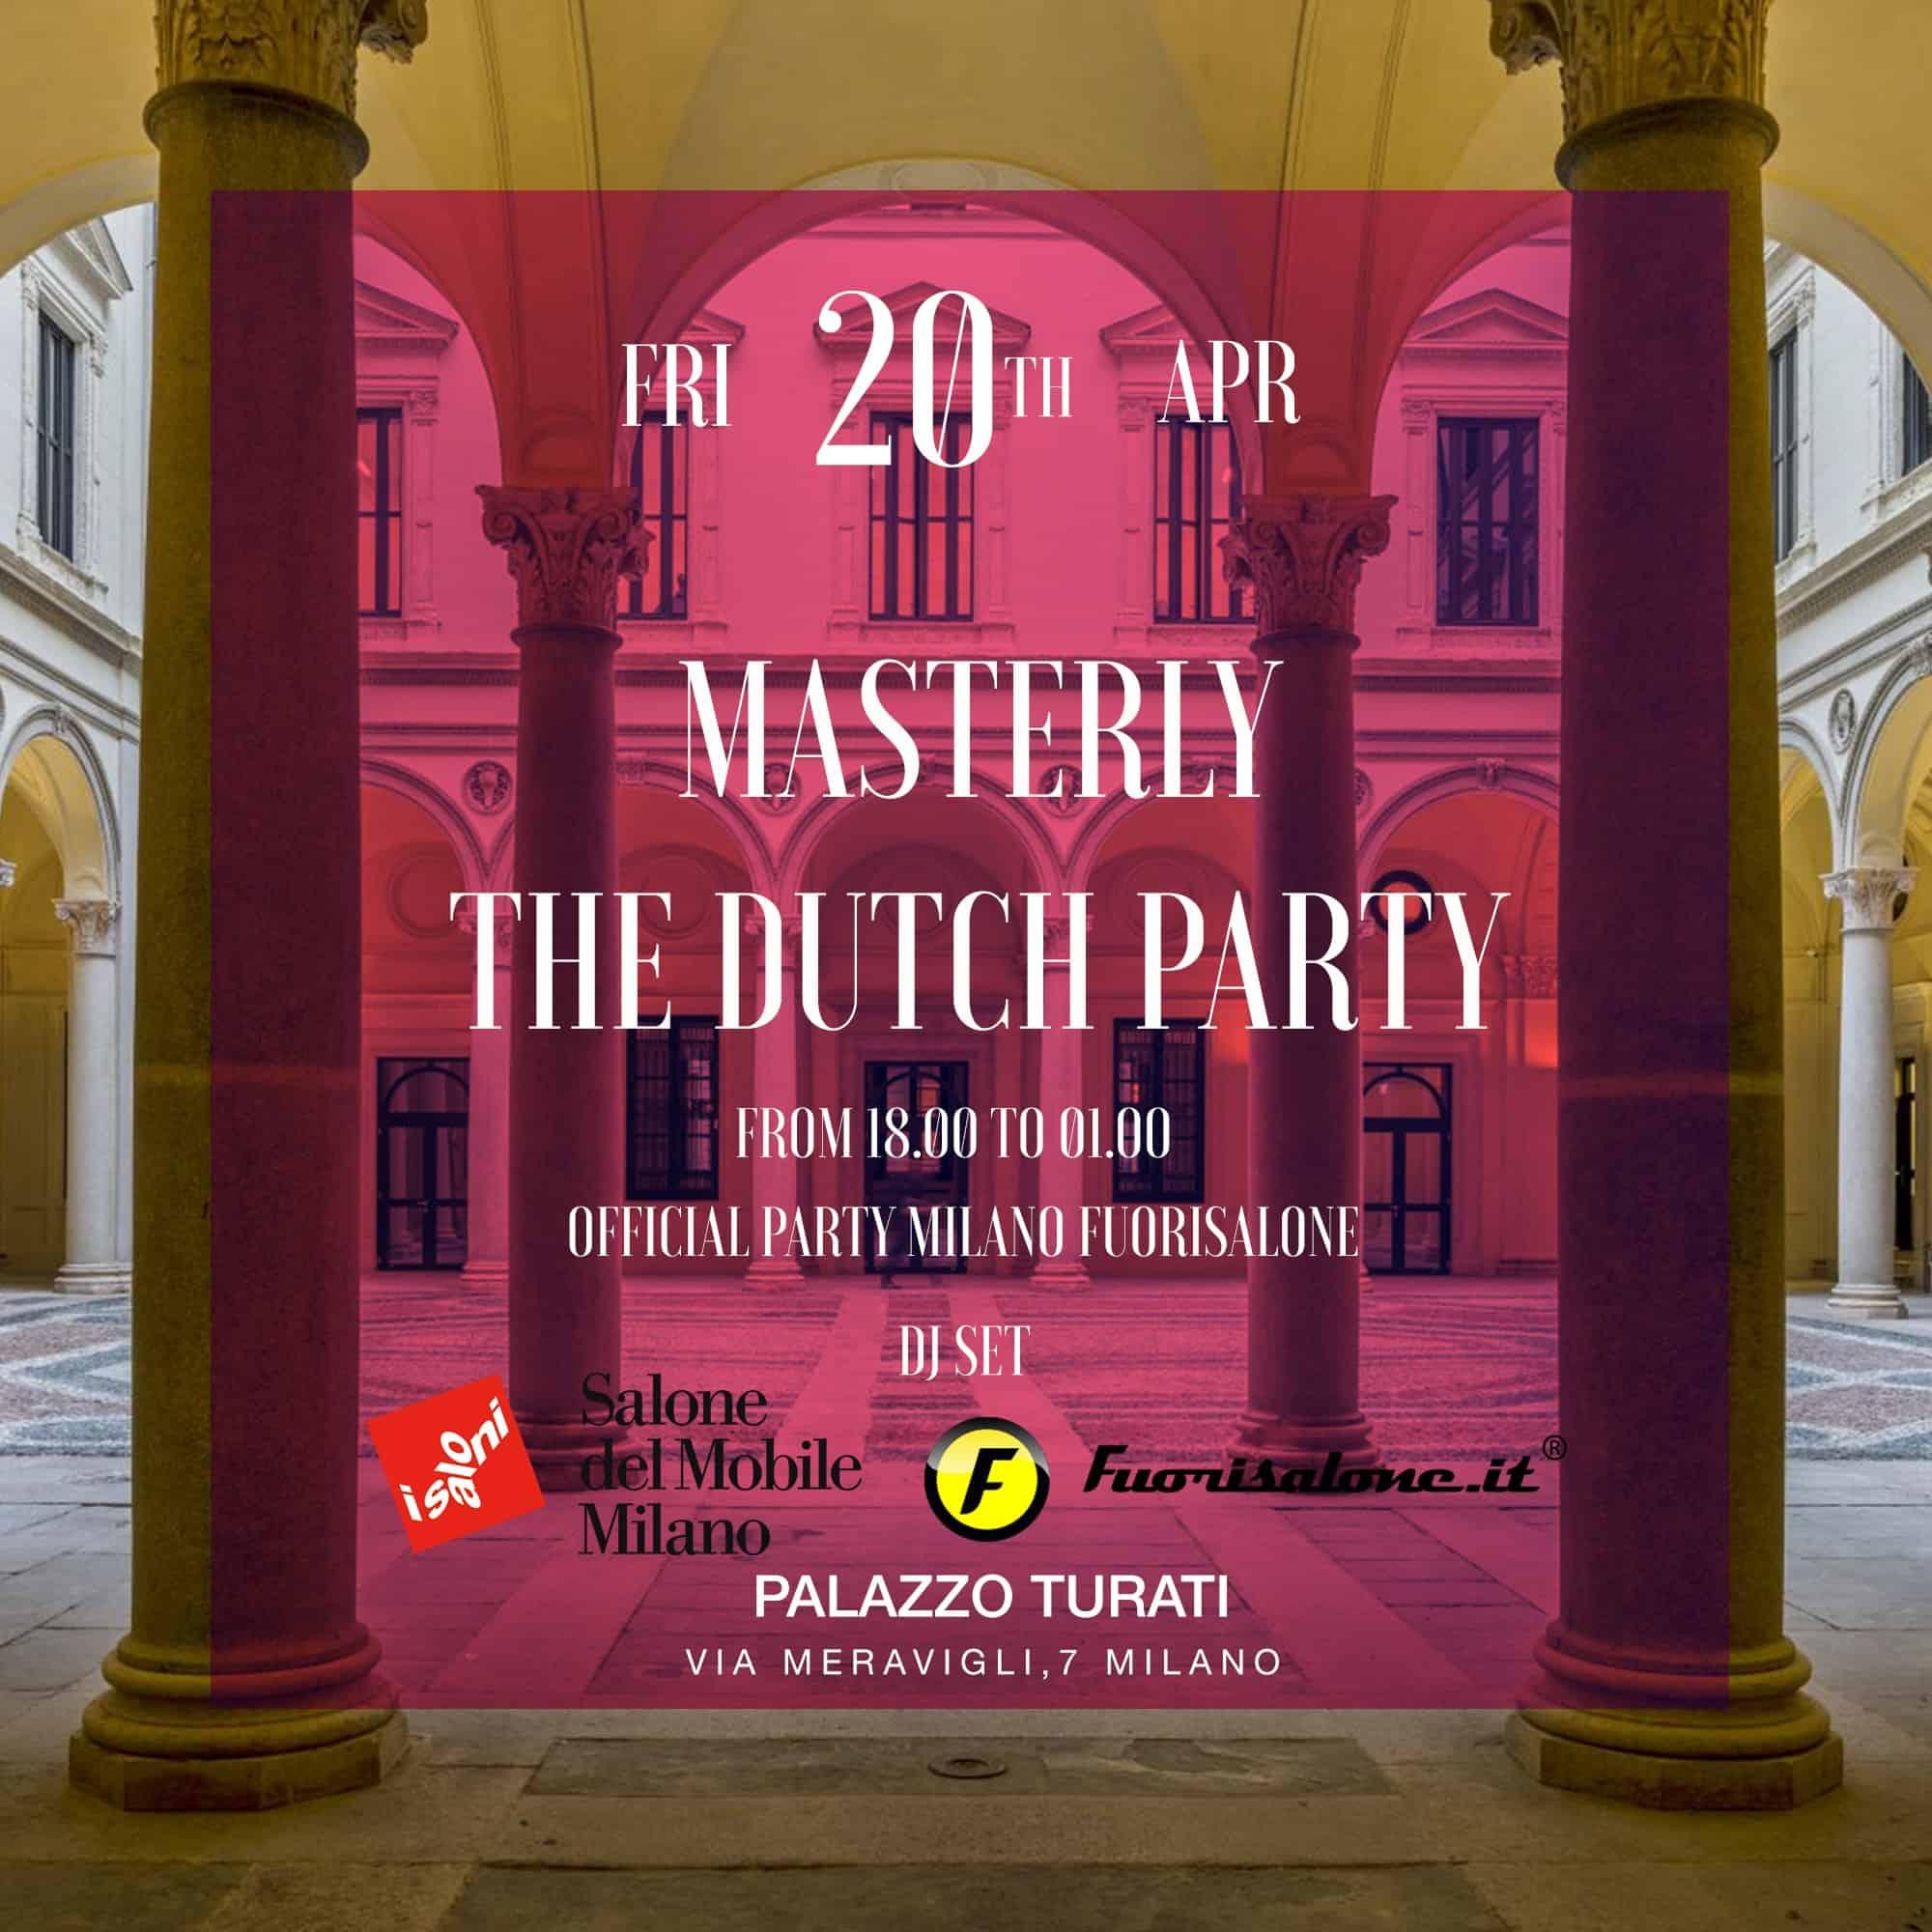 Palazzo Turati Cocktail Party | Fuorisalone 2018